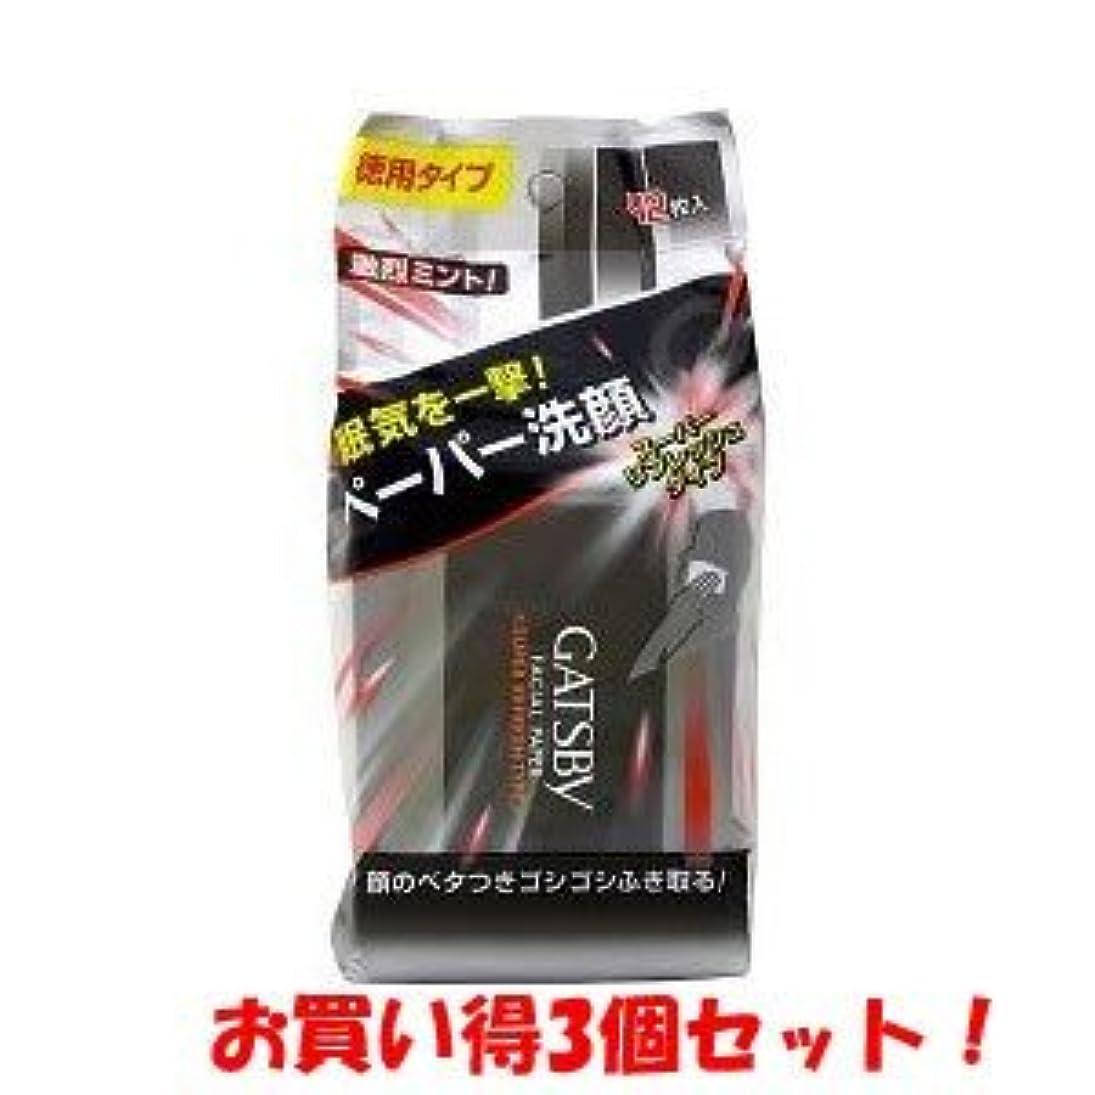 分布間隔行動ギャツビー【GATSBY】フェイシャルペーパー スーパーリフレッシュタイプ 徳用タイプ 42枚入(お買い得3個セット)